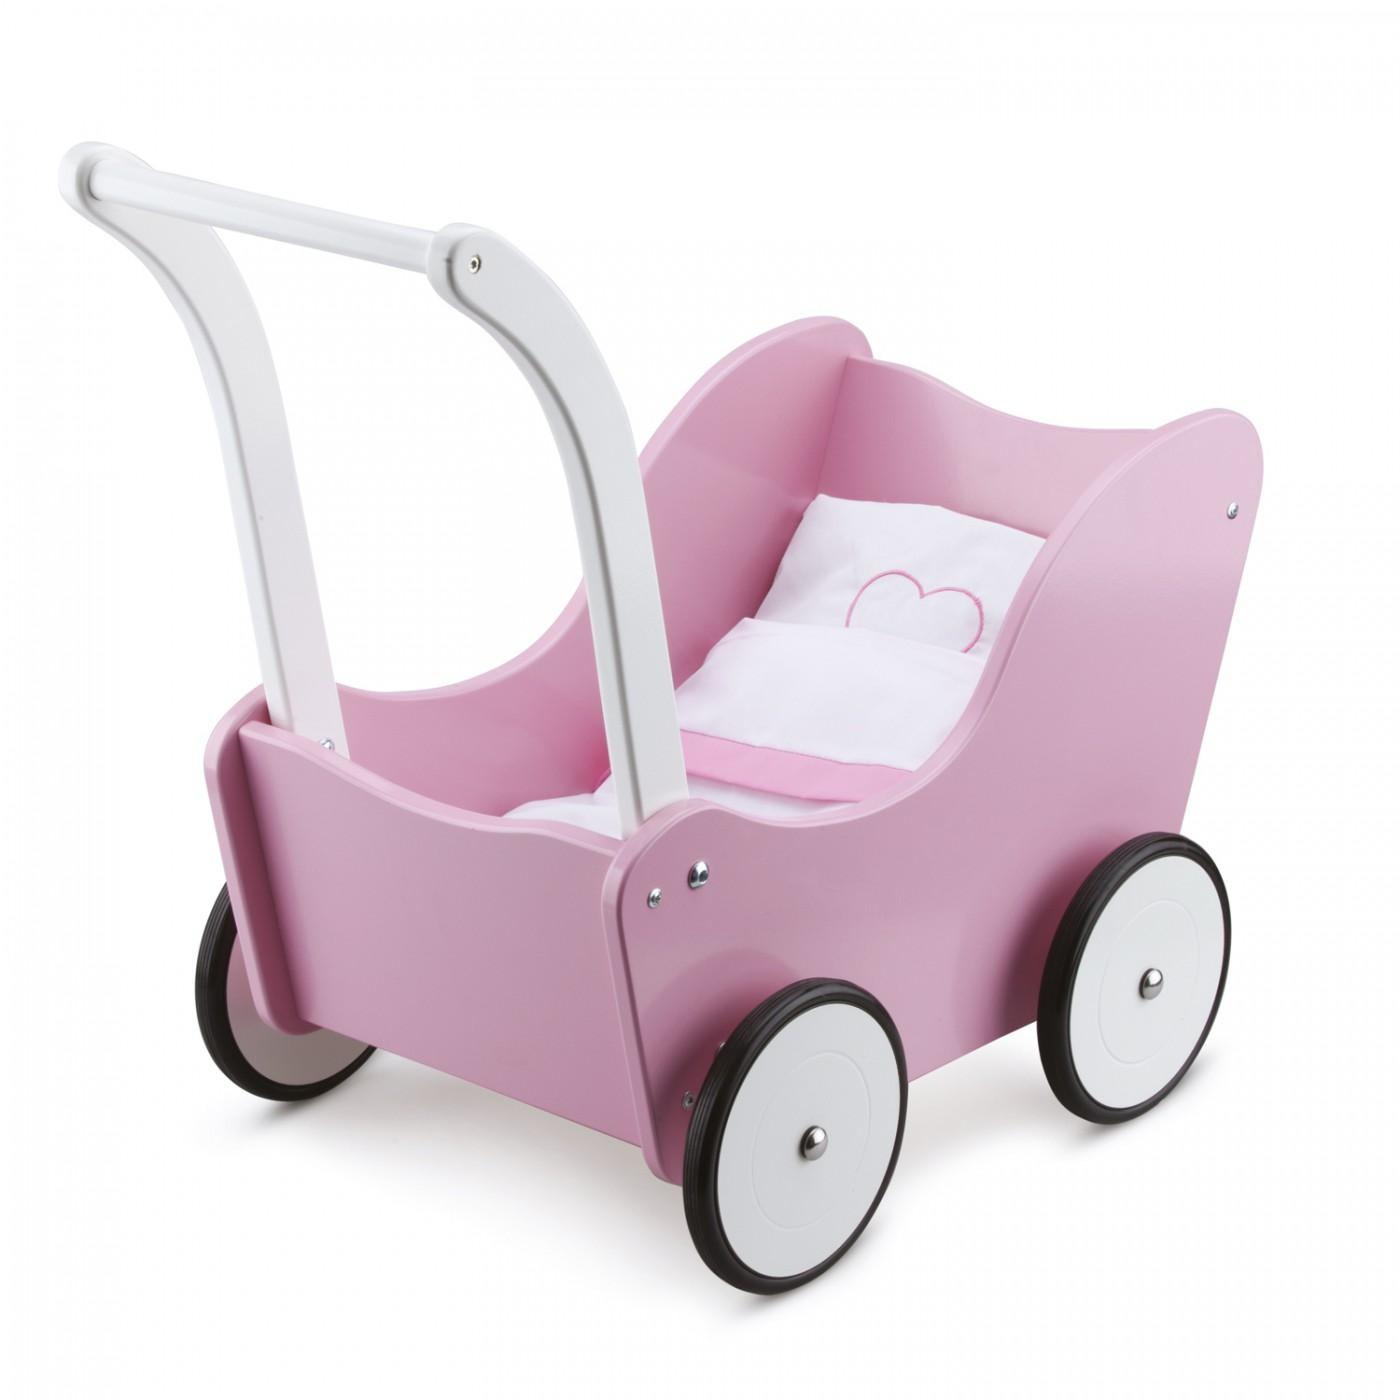 Puppenwagen-PINK-inklusive Bettgarnitur